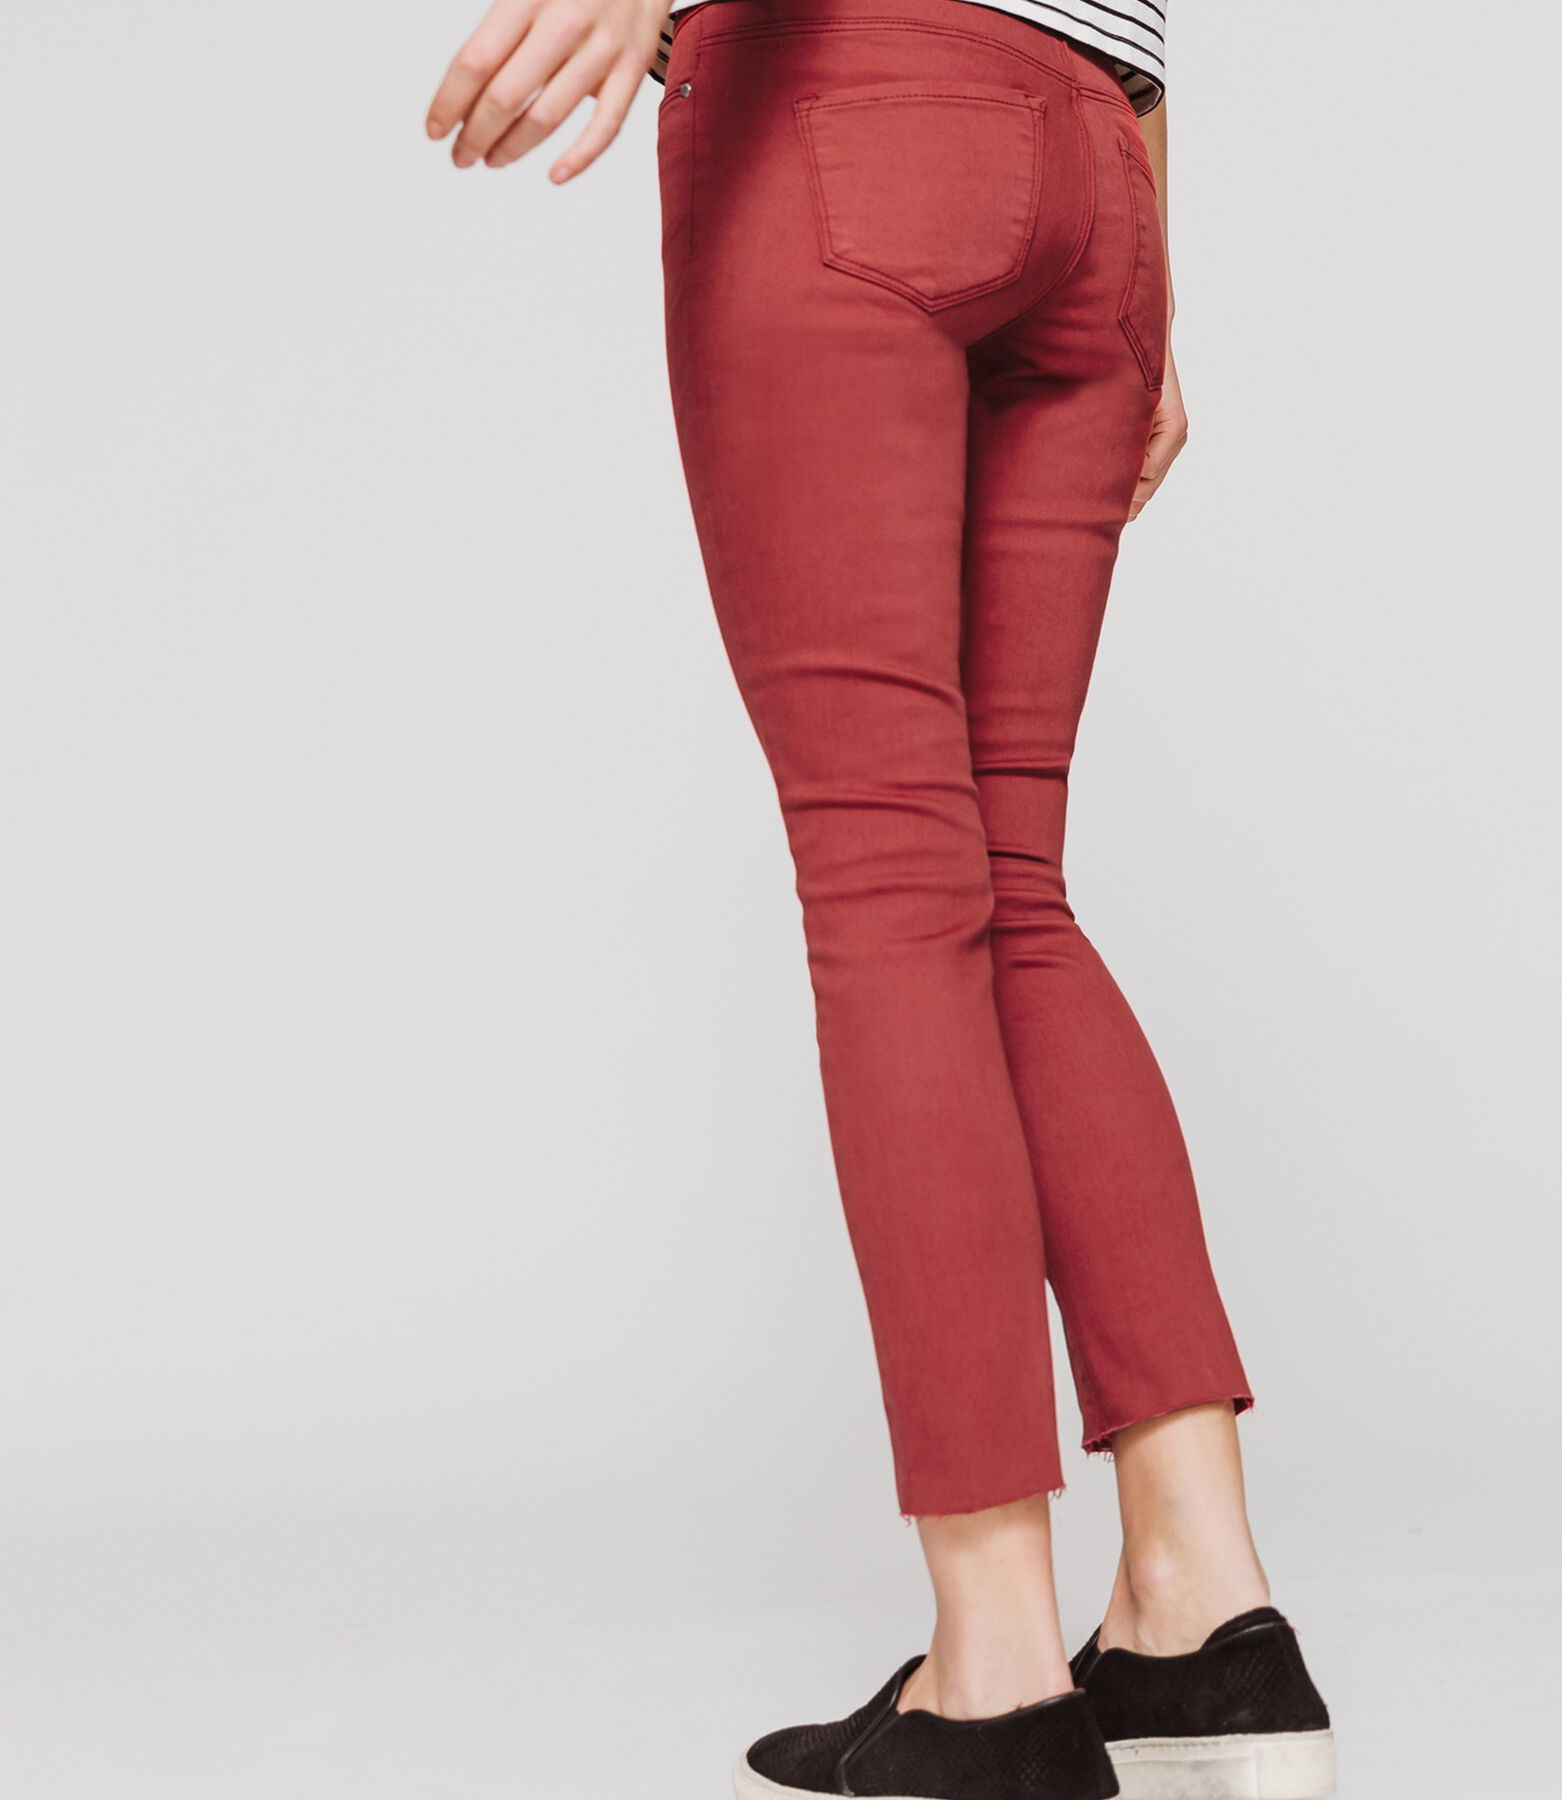 Pantalon couleur